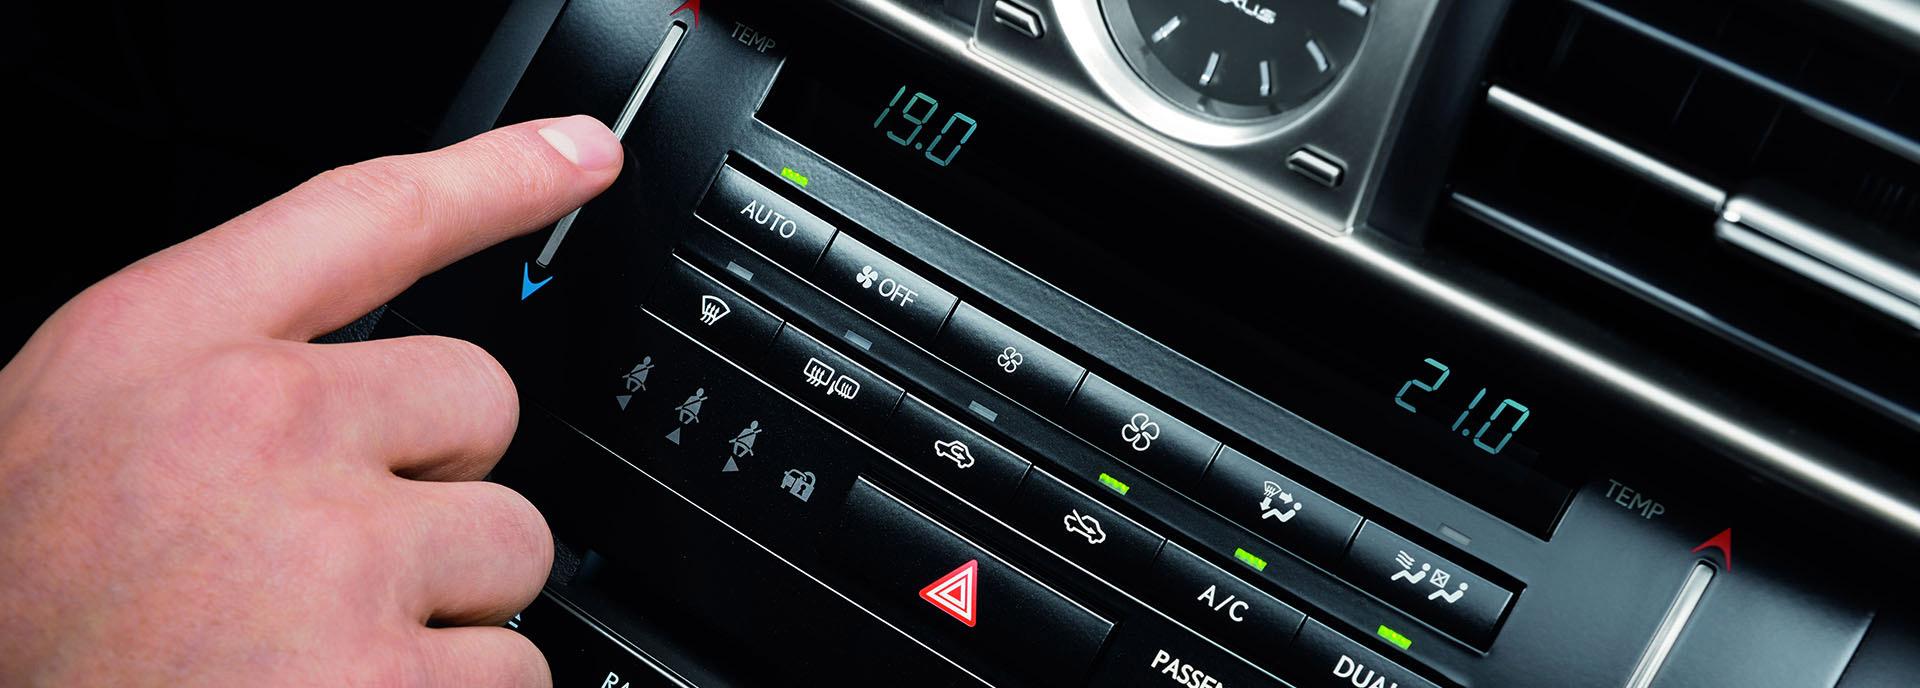 Lexus dashboard met diverse functies zoals climate controle